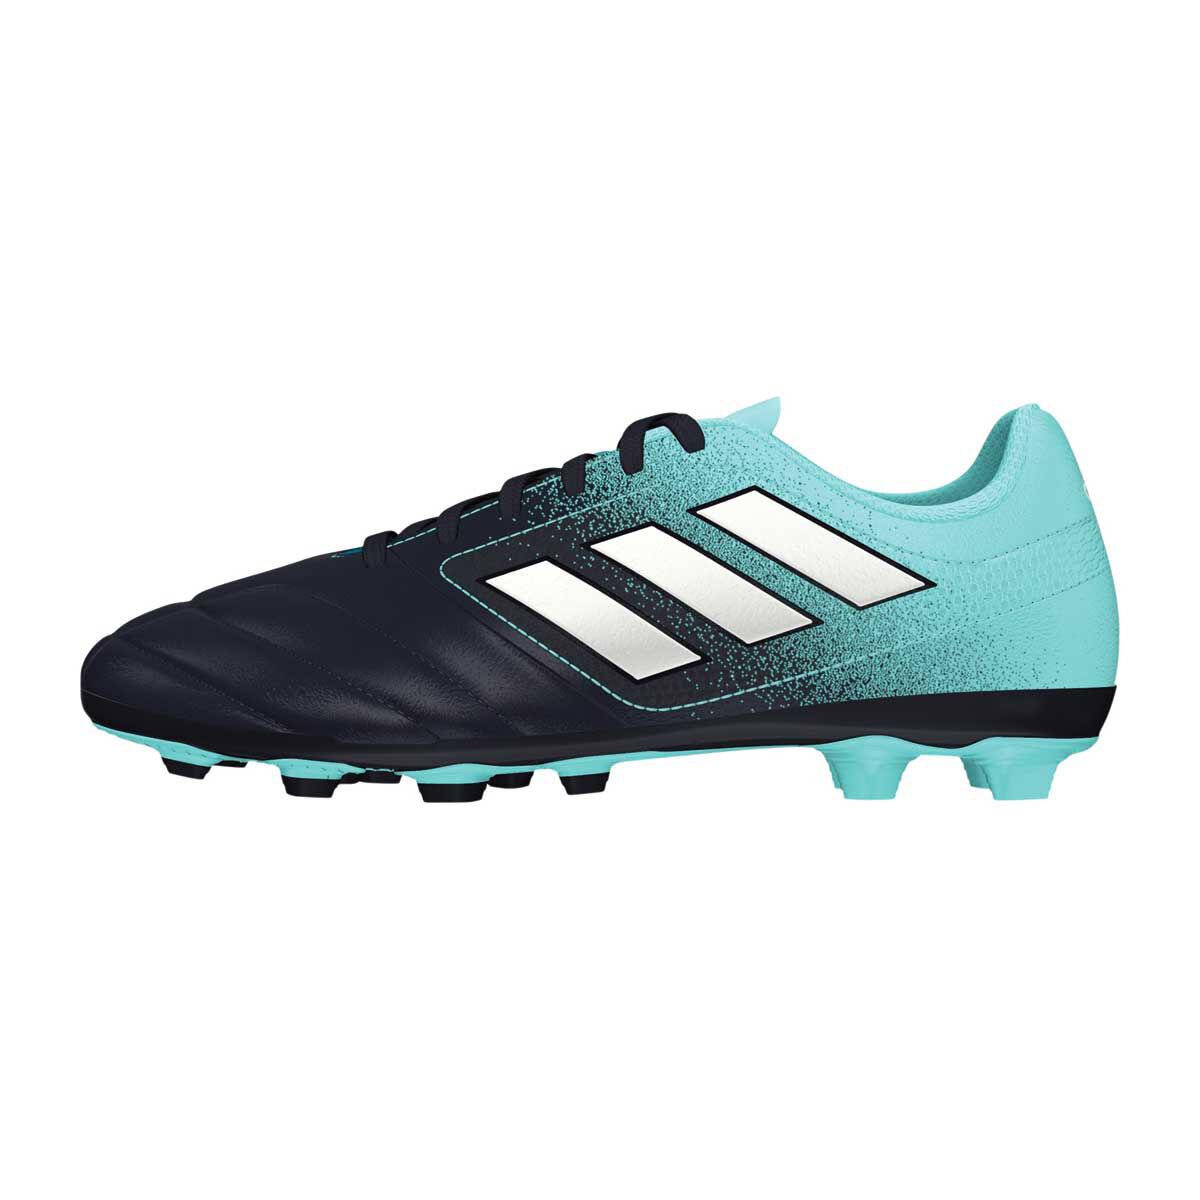 89352ea5e58 ... store adidas ace 17.4 fxg junior football boots white aqua us 11 junior  white a32da 9e013